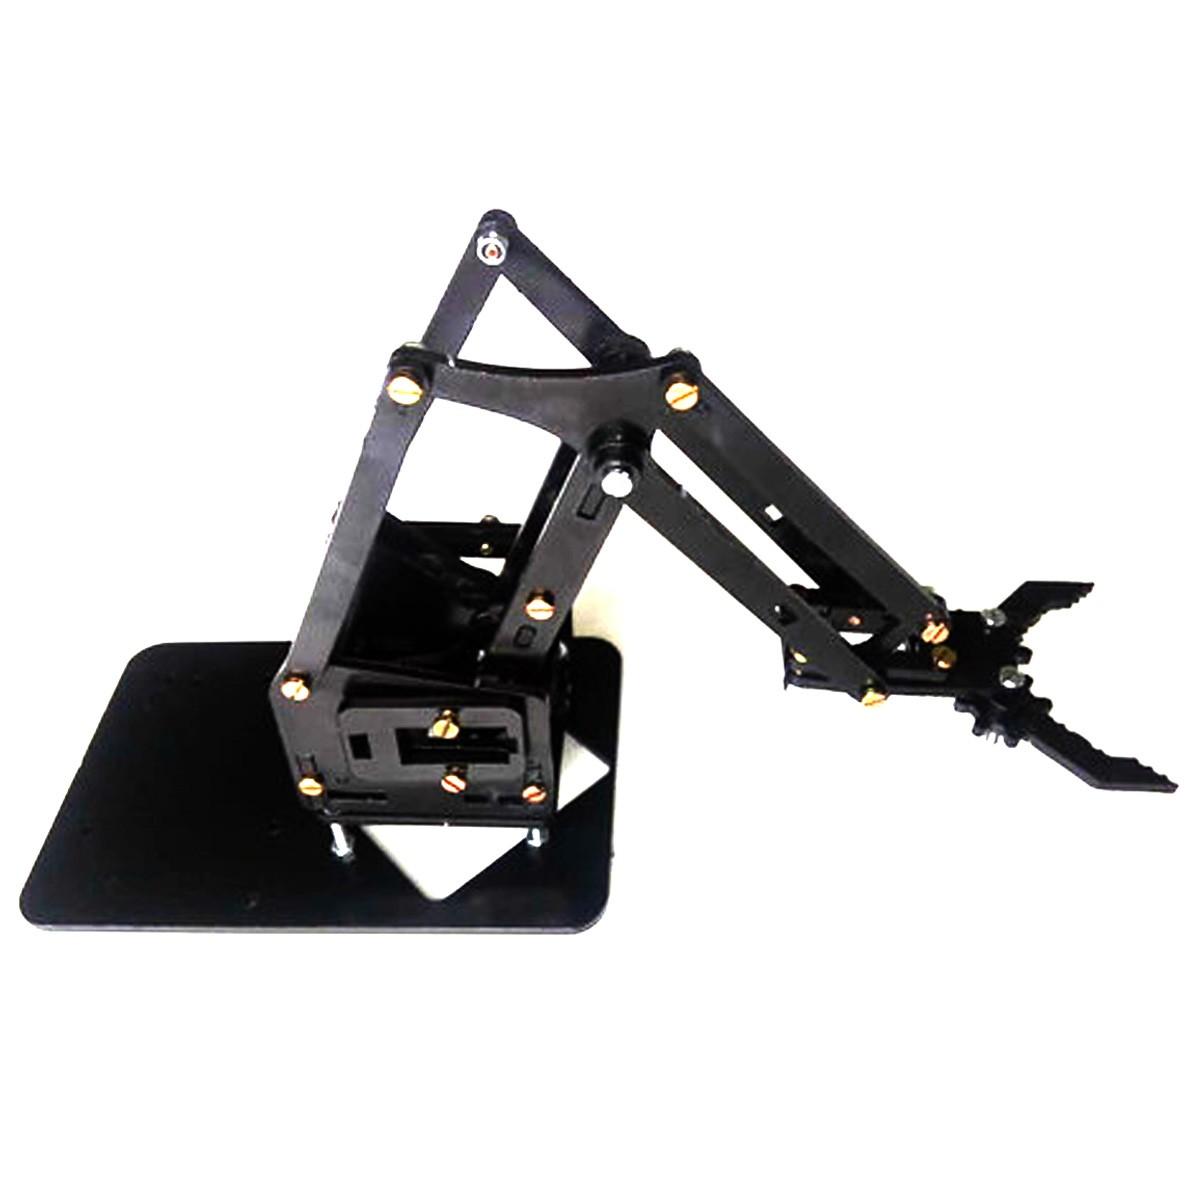 Braço Robótico apenas peças em Acrílico preto com parafusos